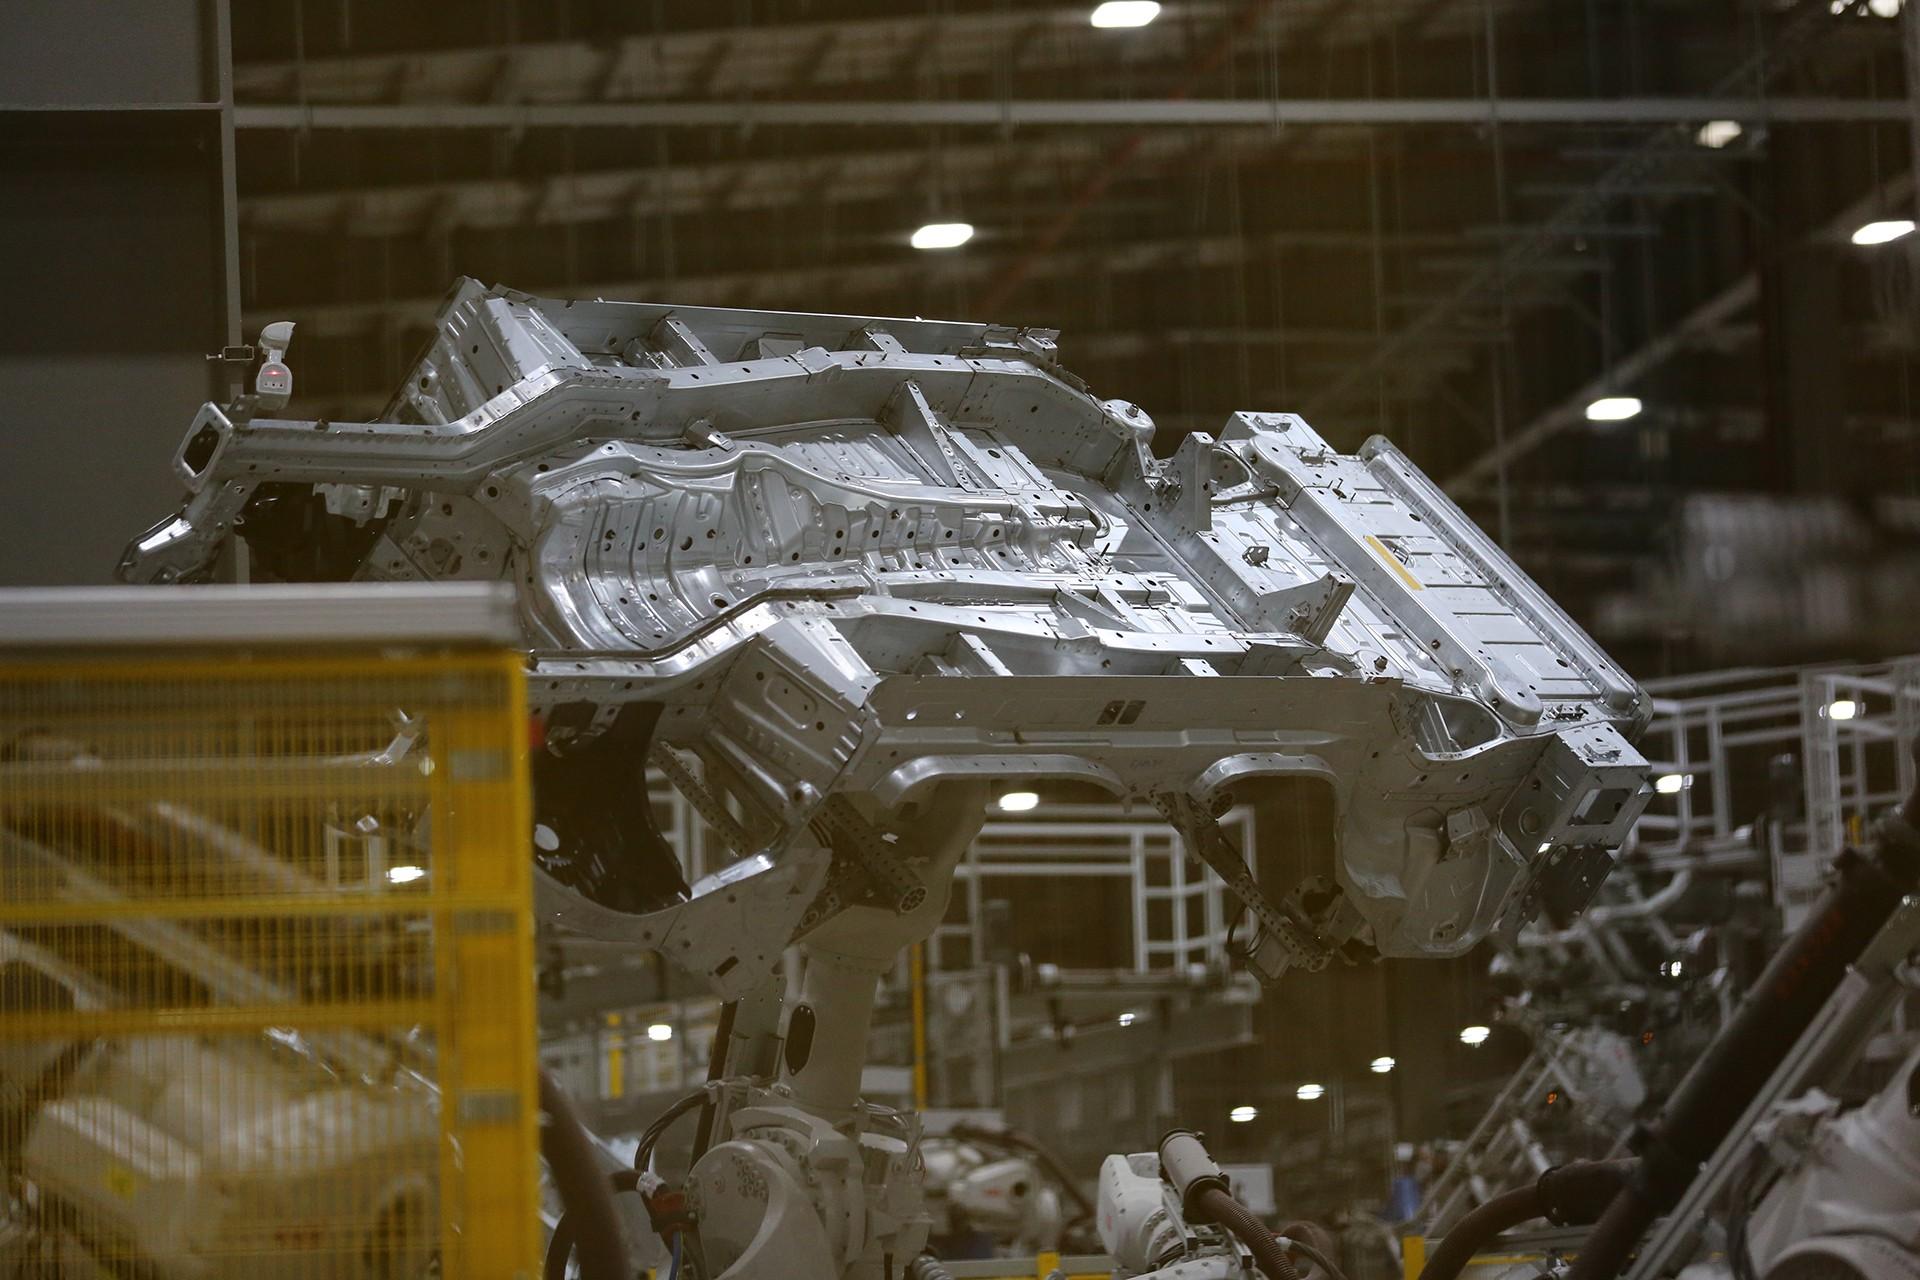 vinfast - 1p0a4448 1557962891906611894027 - Hé lộ hình ảnh bên trong nhà máy sản xuất ô tô sắp khánh thành của VinFast